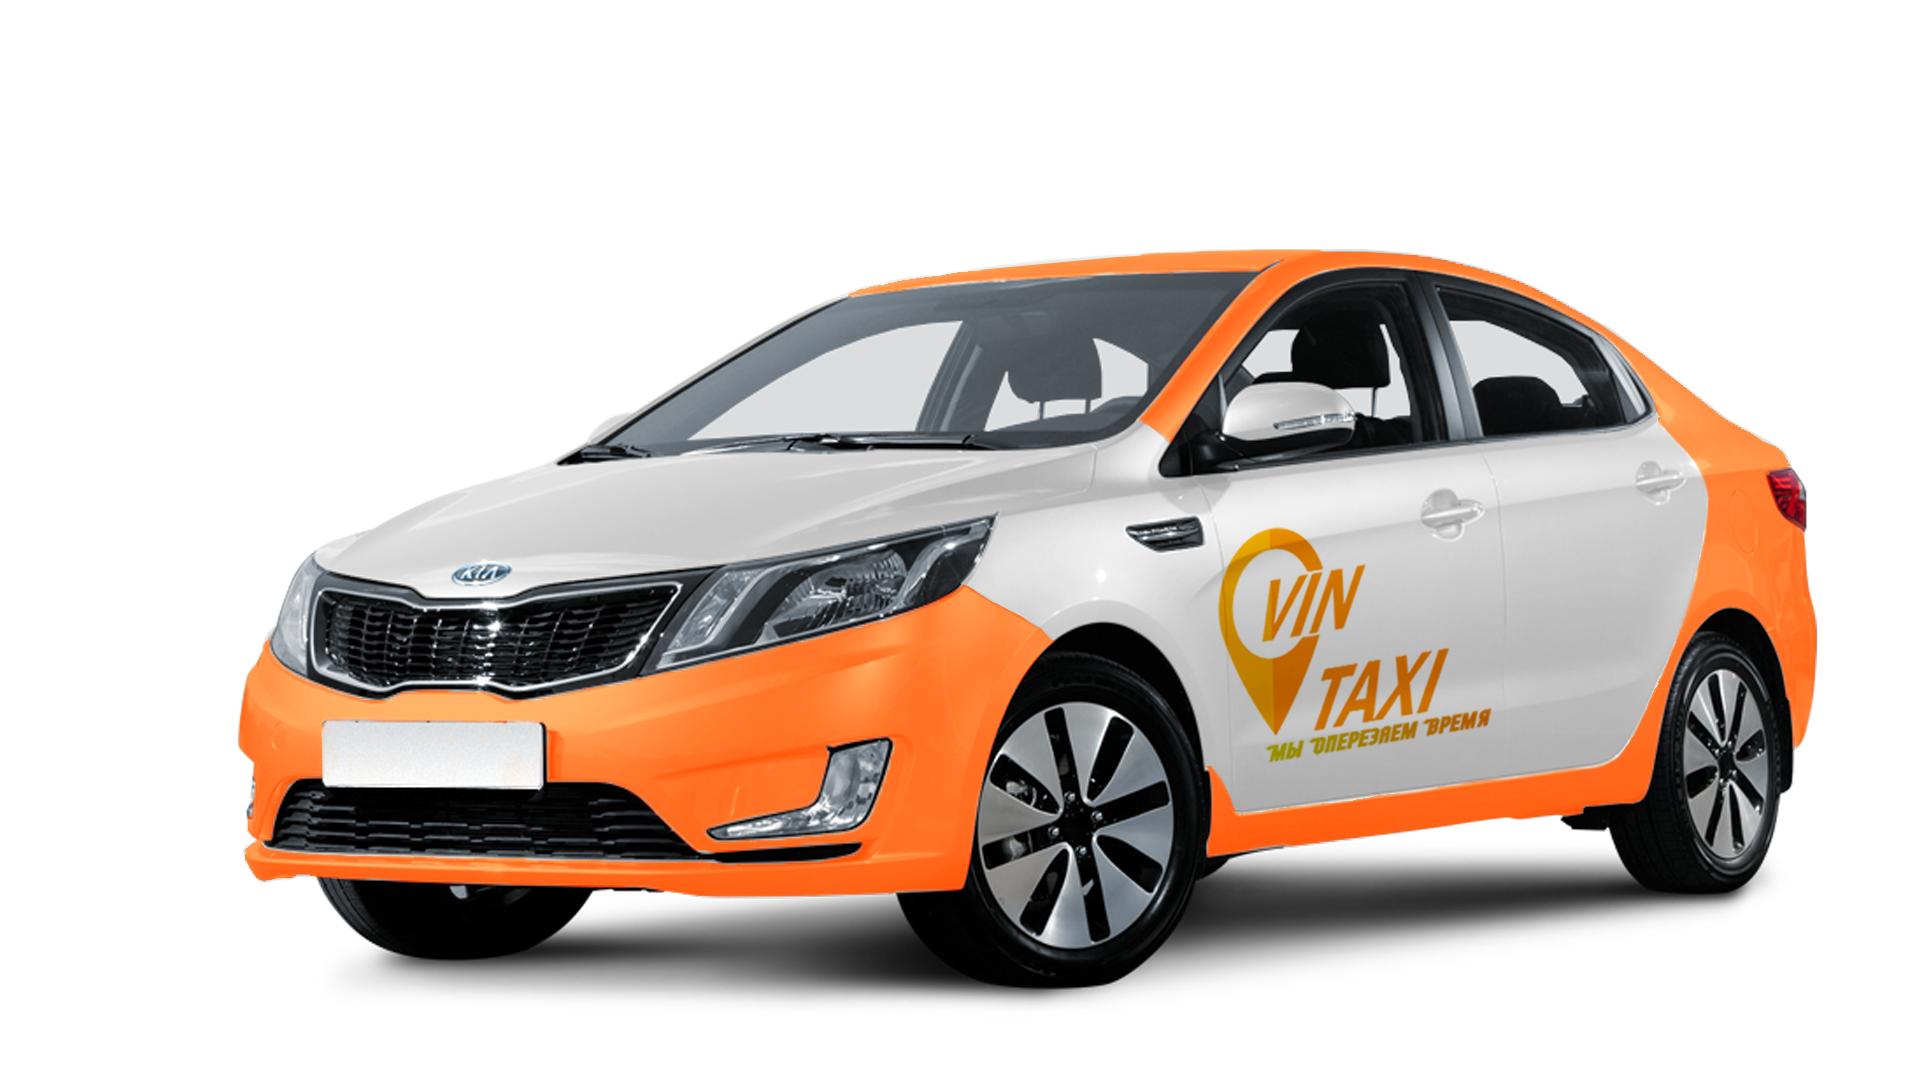 Разработка логотипа и фирменного стиля для такси фото f_9375b9ba7d8d3408.png